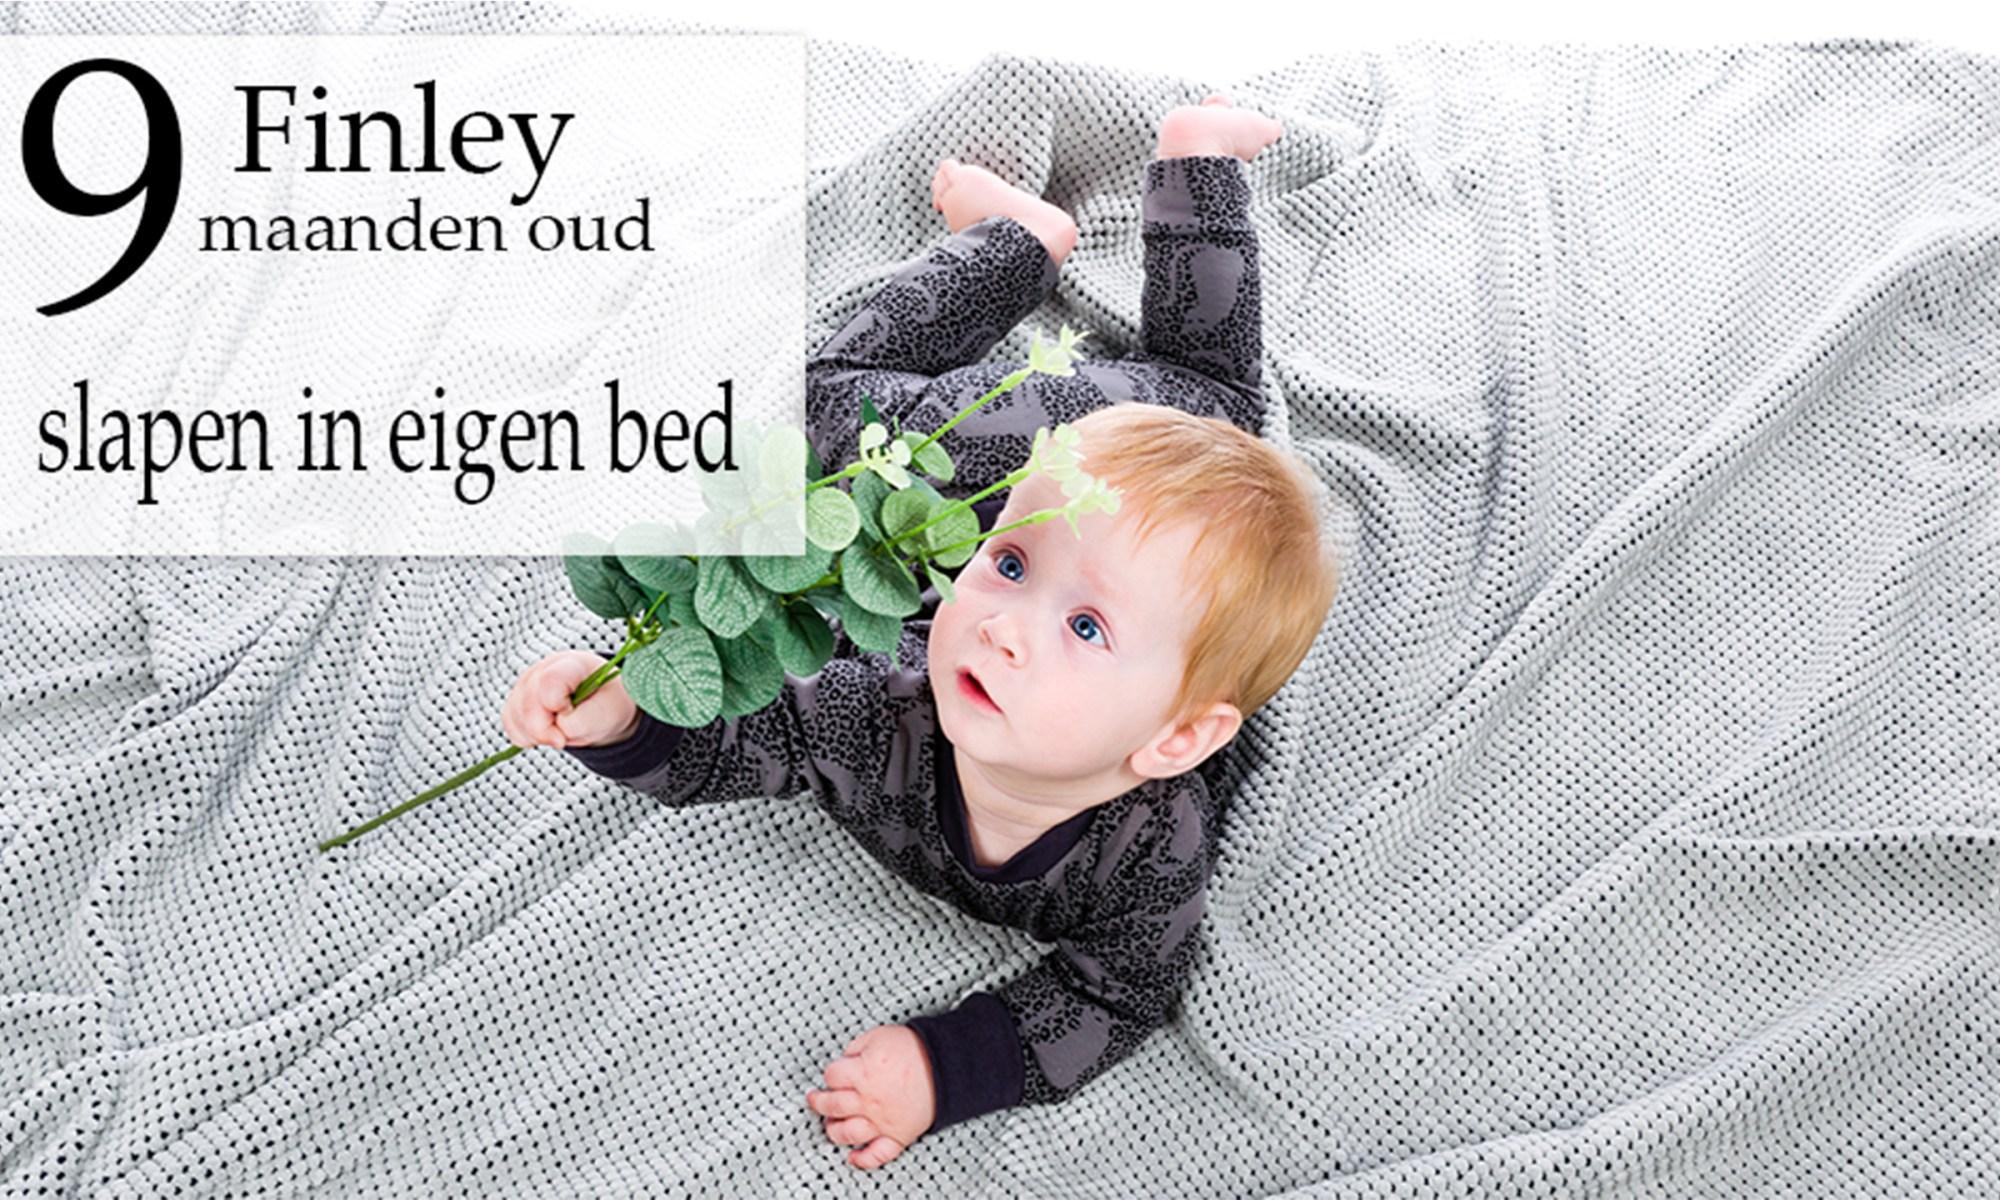 Finley ontwikkeling mama blog borstvoeding slapen www.liefkleinwonder.nl tijgeren kruipen en optrekken